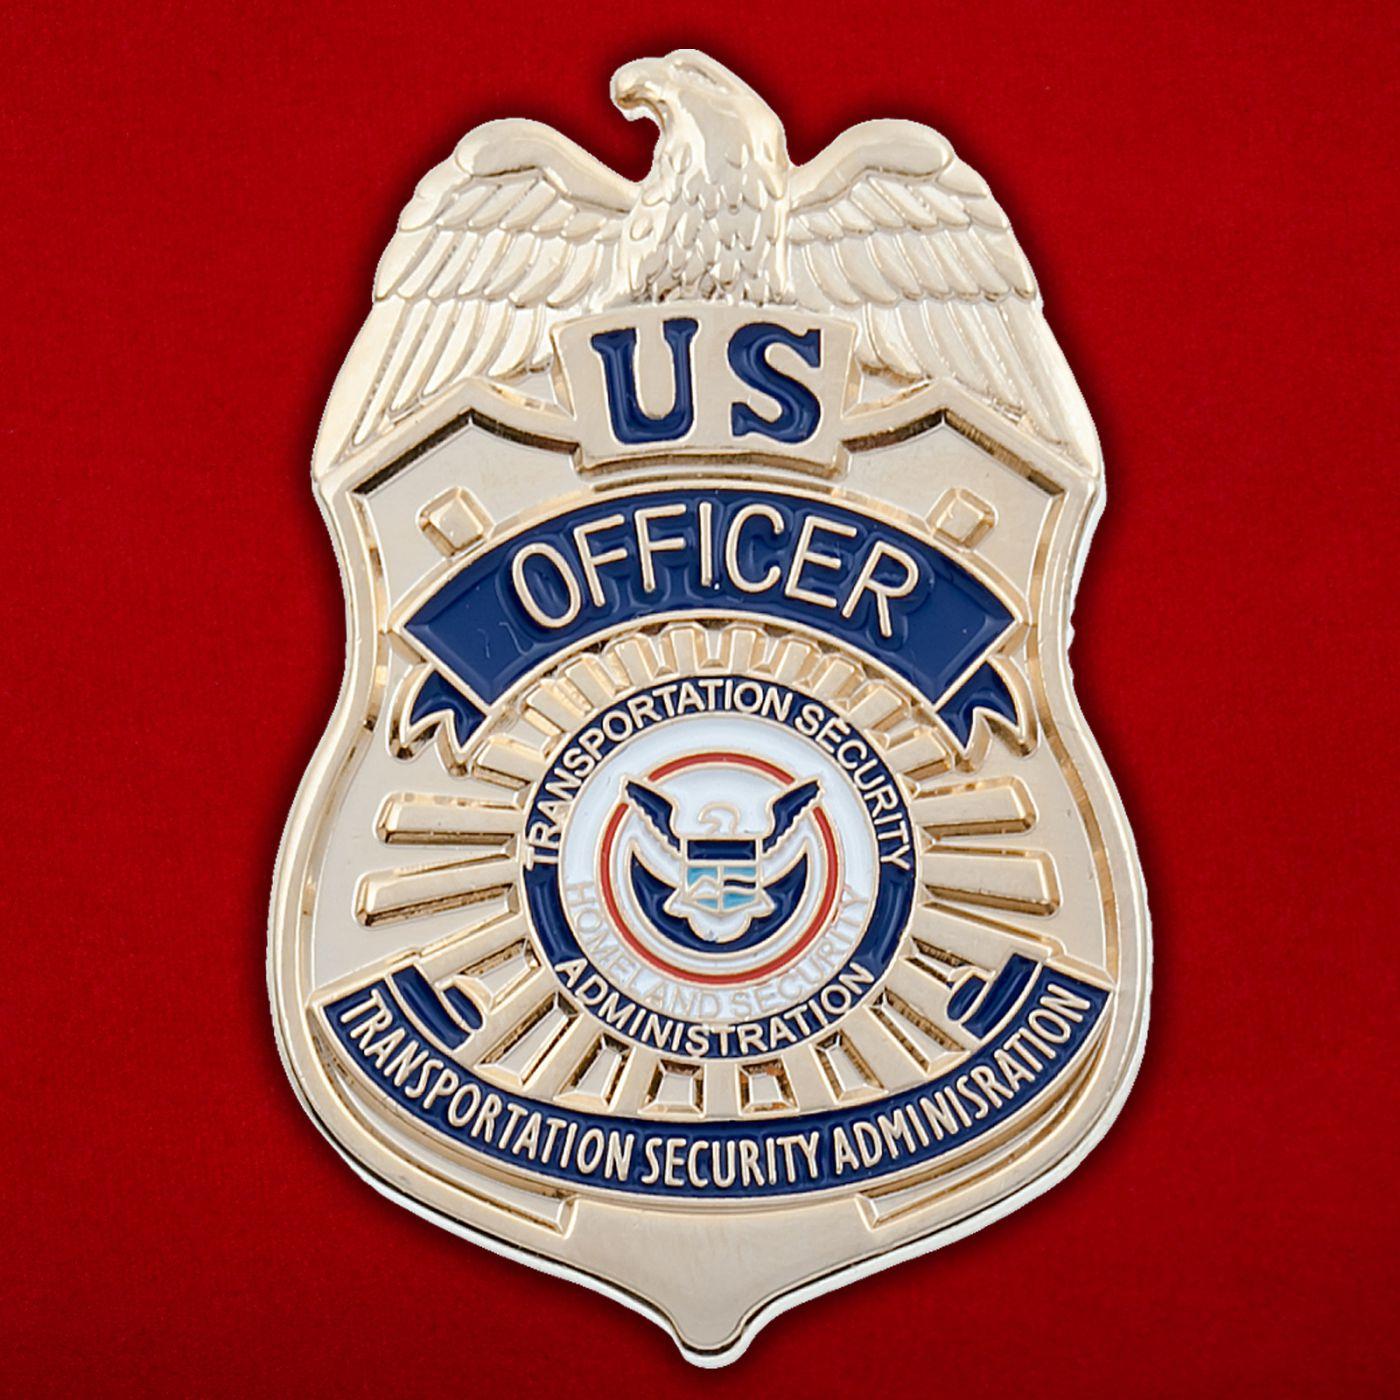 Значок офицера Управления транспортной безопасности США